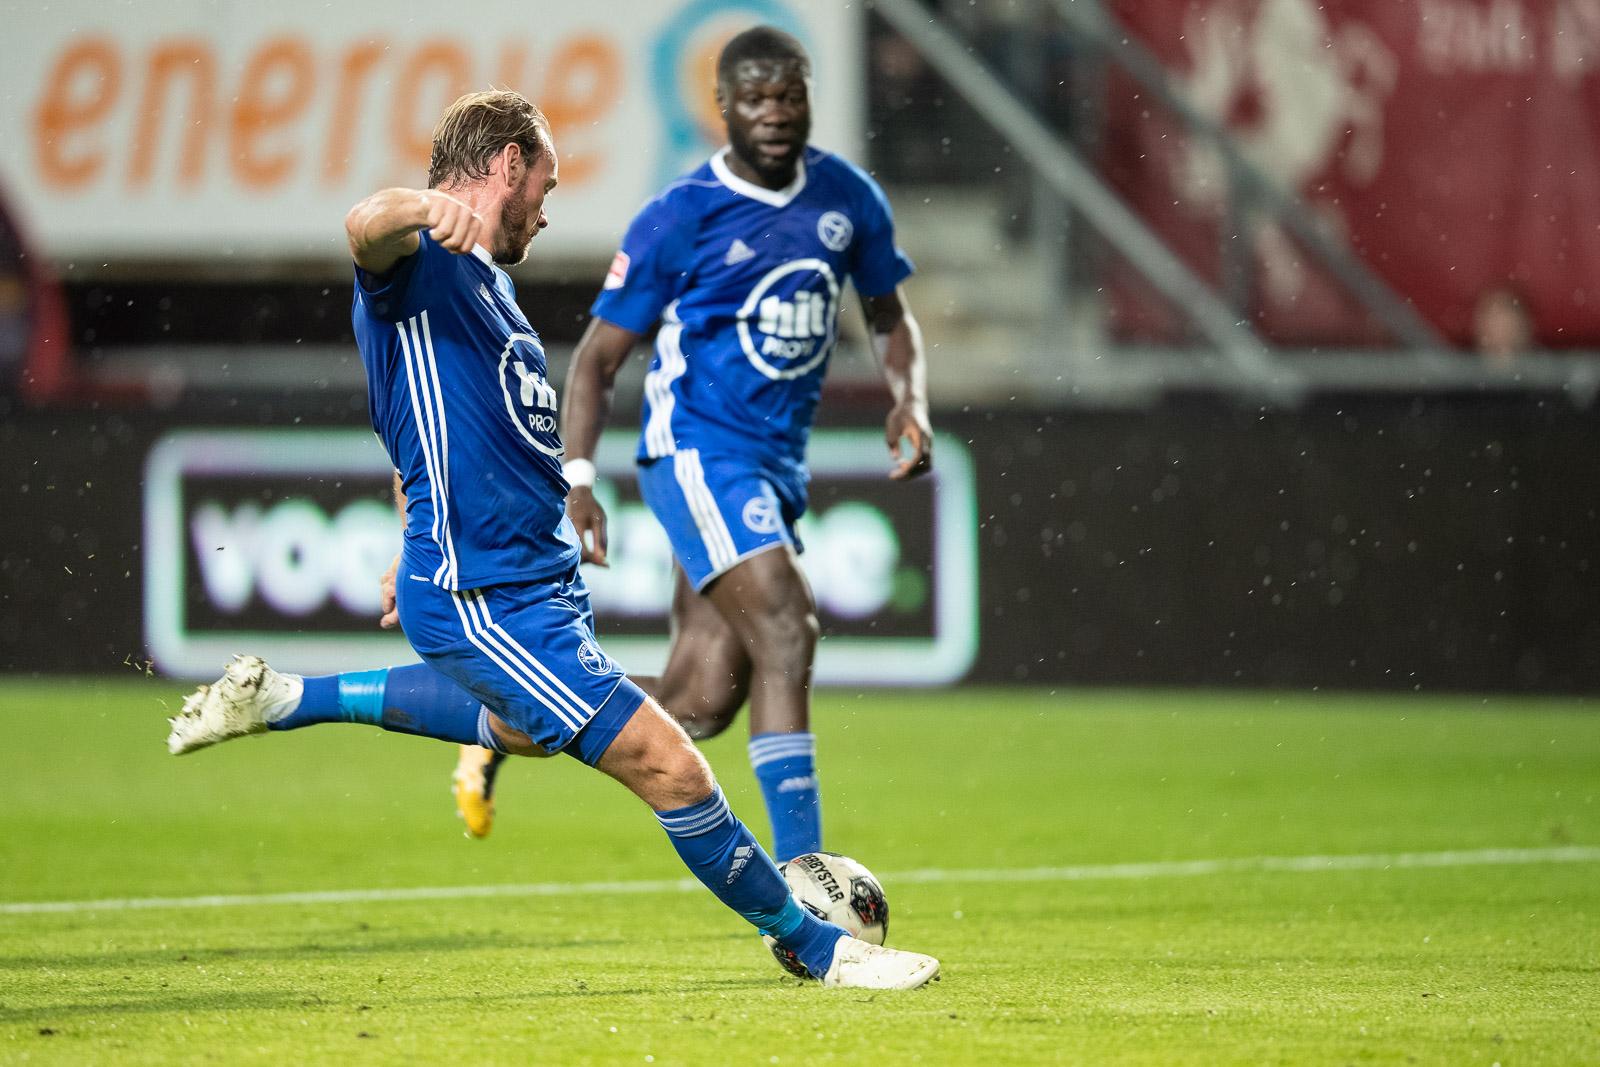 Combinatie-elftal Almere City FC wint oefenwedstrijd